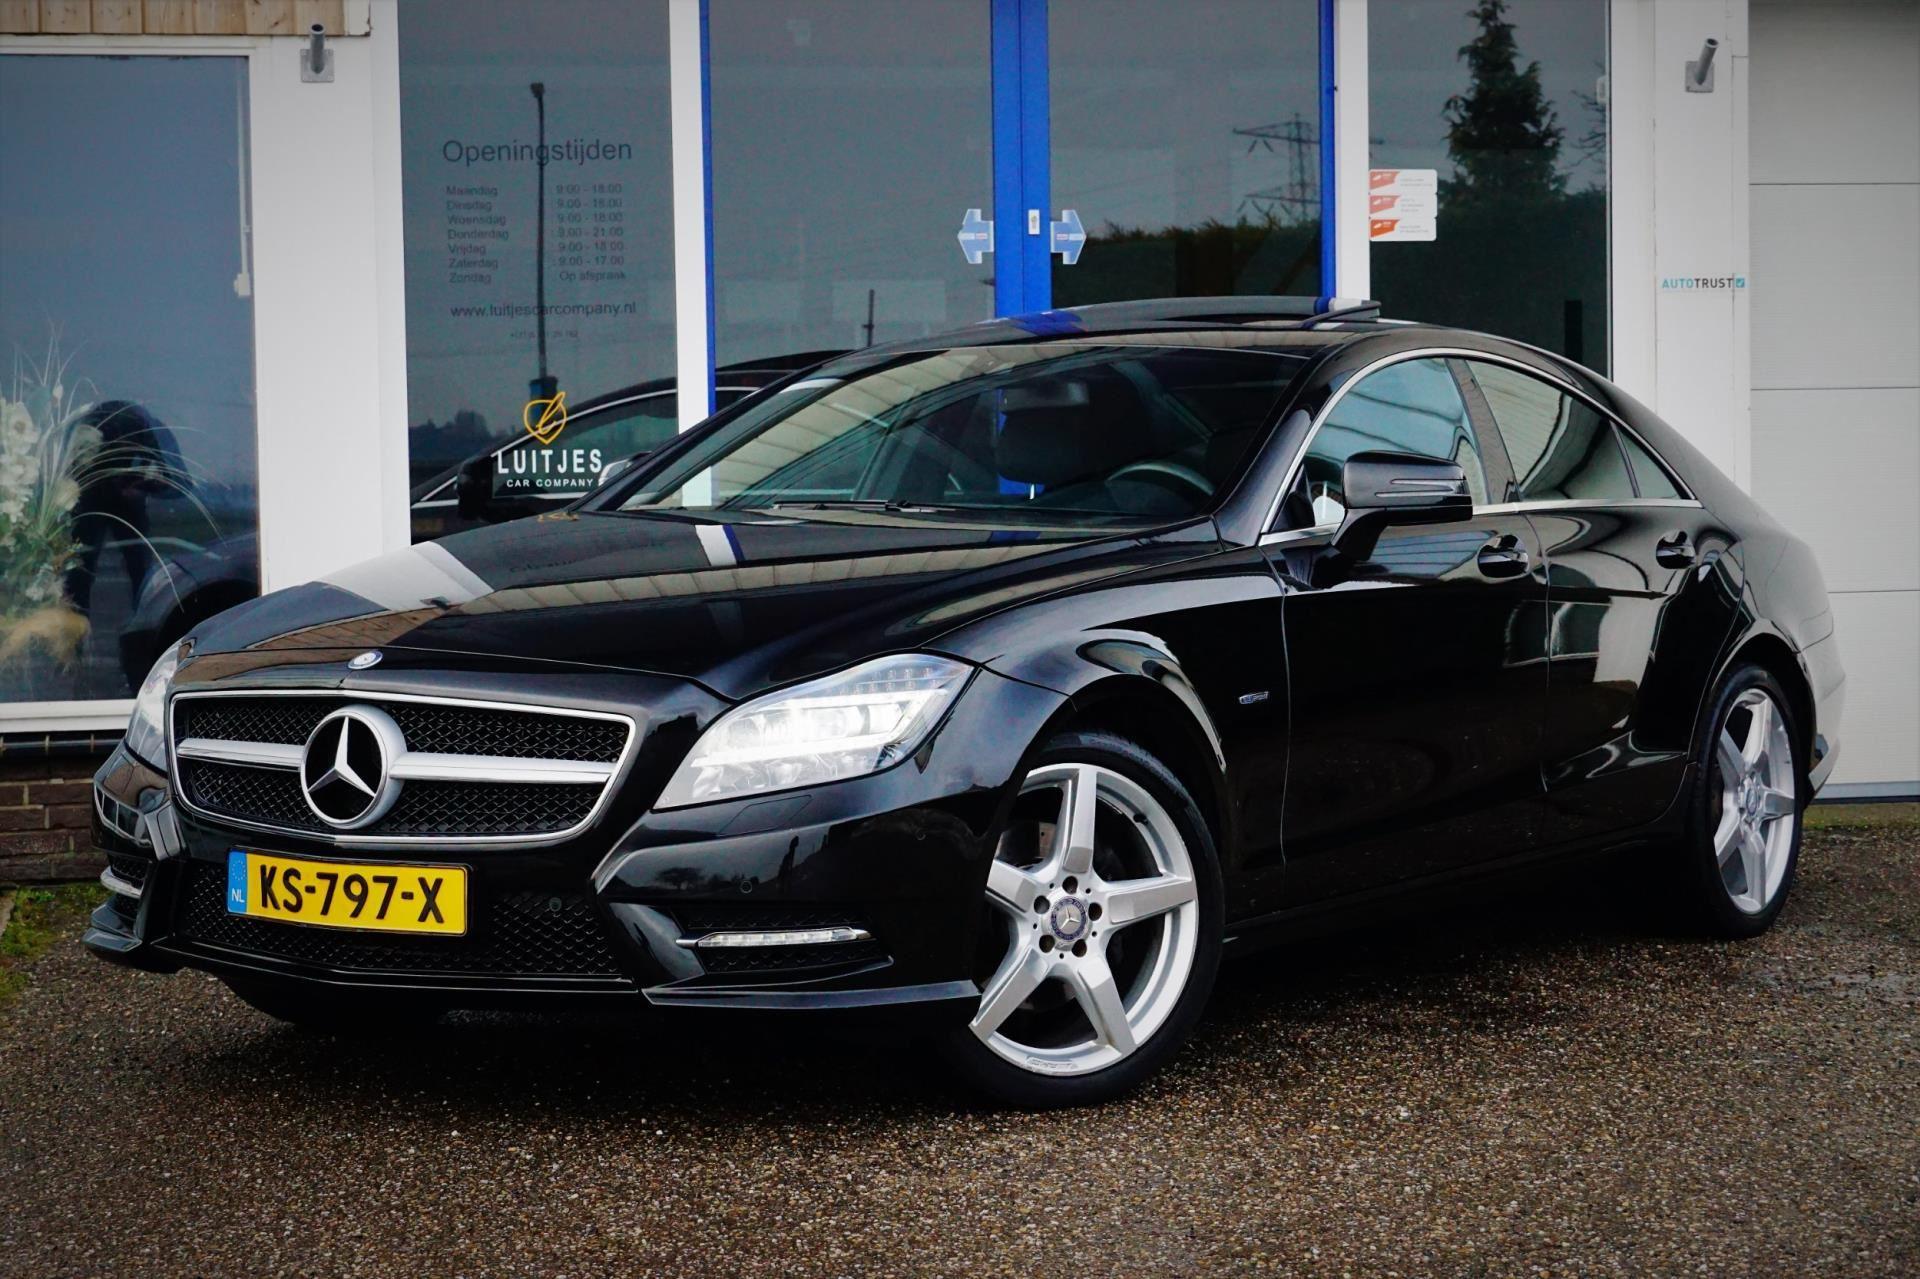 Mercedes-Benz CLS-klasse occasion - Luitjes Car Company